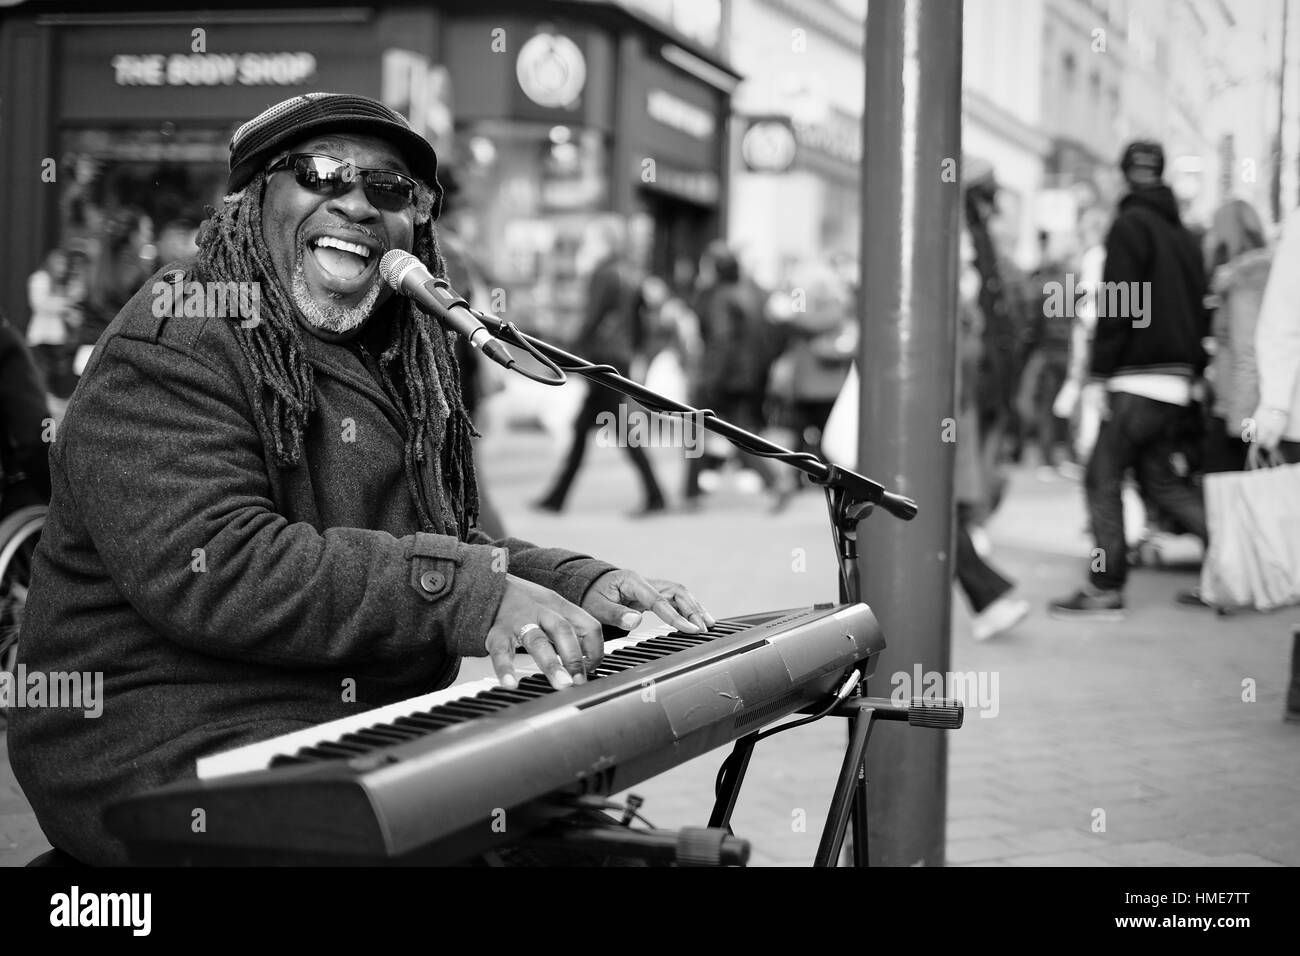 Un homme avec des dreadlocks afro et lunettes joue du clavier dans la rue d'une ville britannique. Banque D'Images